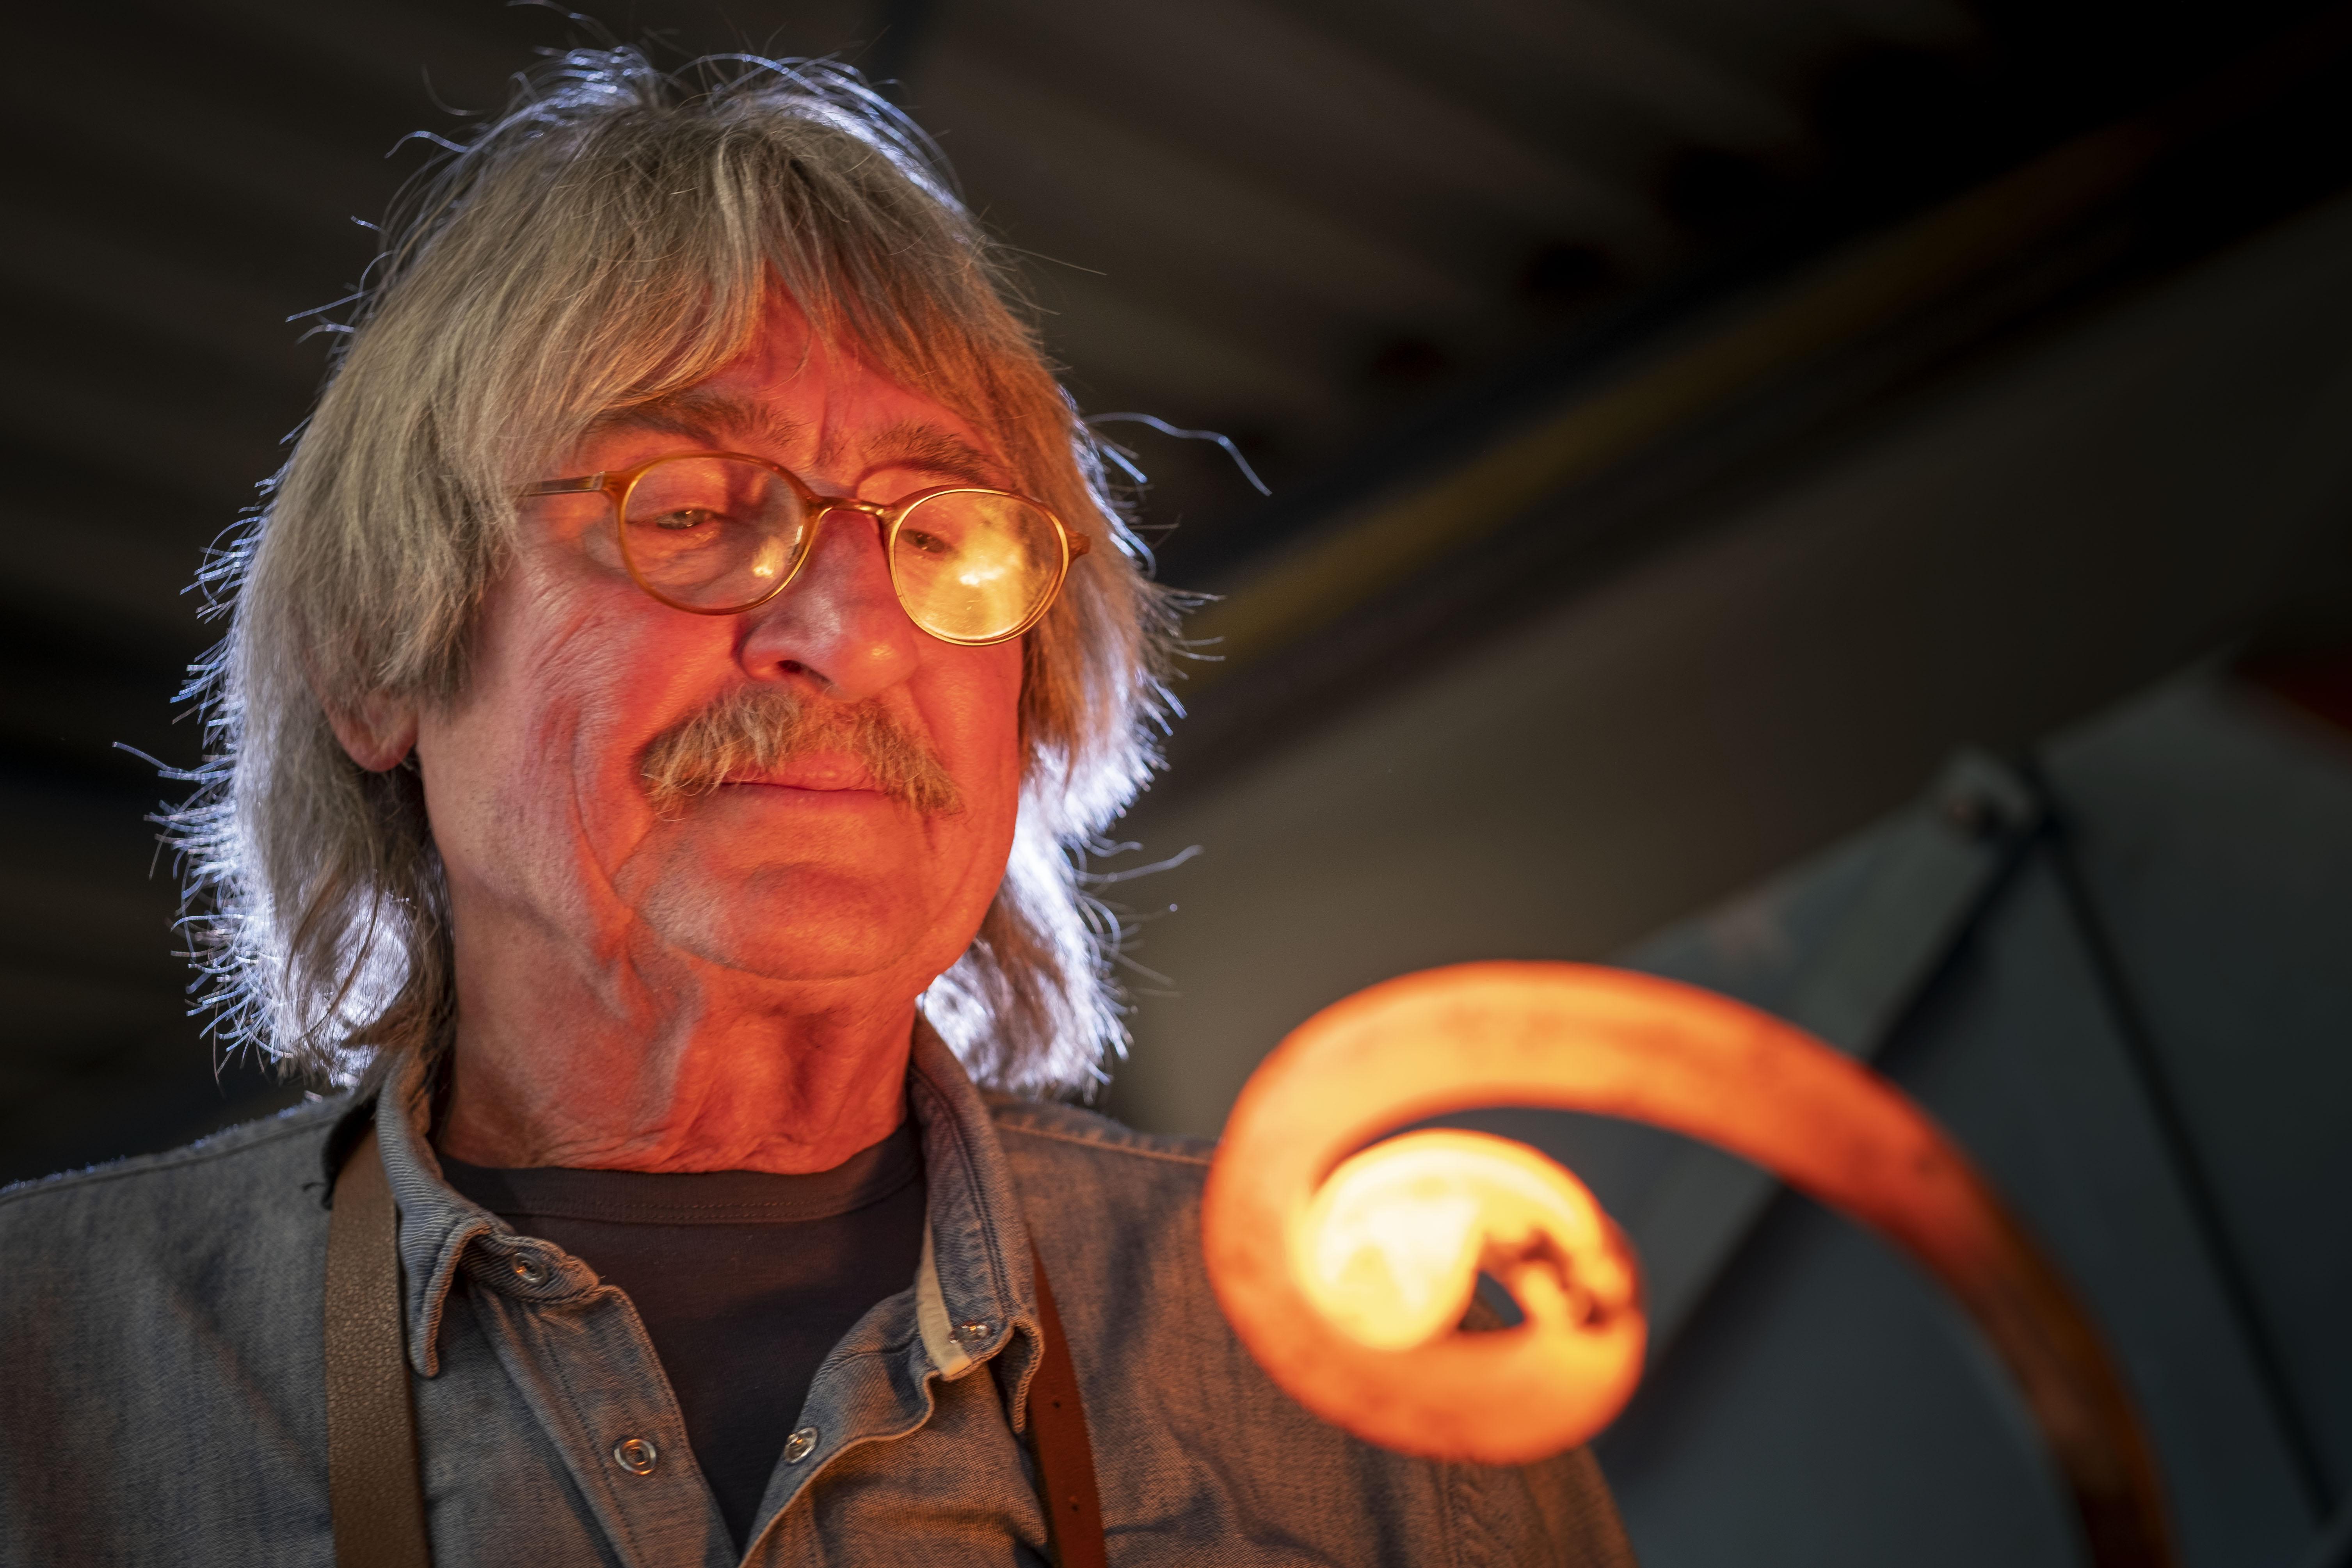 Steven Spielberg, Steve Jobs, Mick Jagger en Richard Branson behoren tot zijn klantenkring: kunstsmid Ben Demmers (67) uit Heerhugowaard steekt ziel en zaligheid in smeedwerk voor 'groten der aarde'